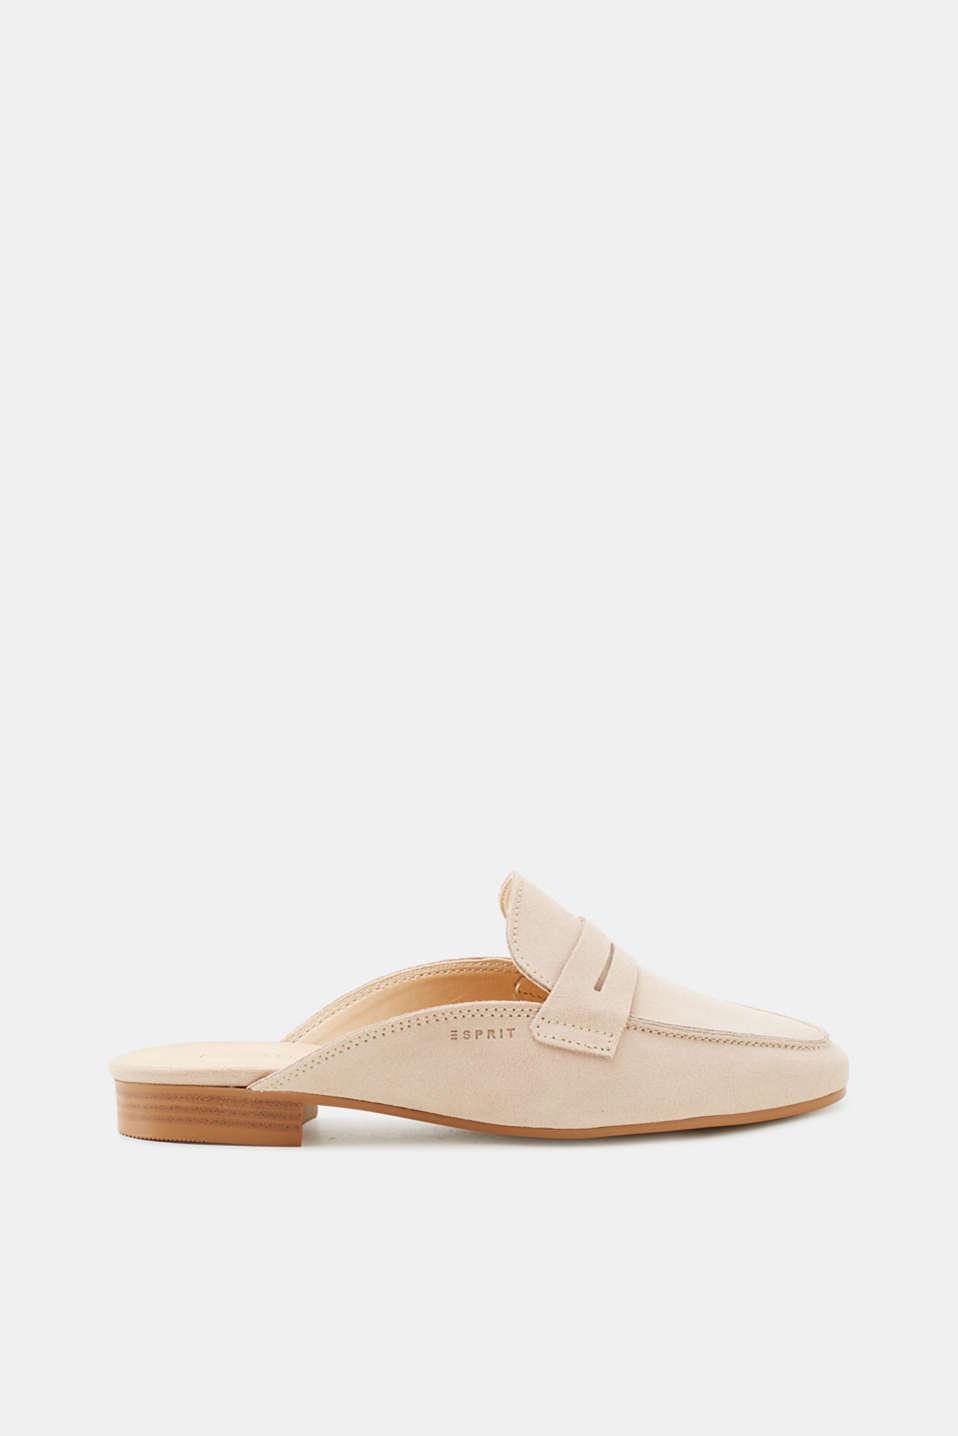 Esprit Veloursleder-Slipper mit markantem Ketten-Detail für Damen, Größe 40, Navy